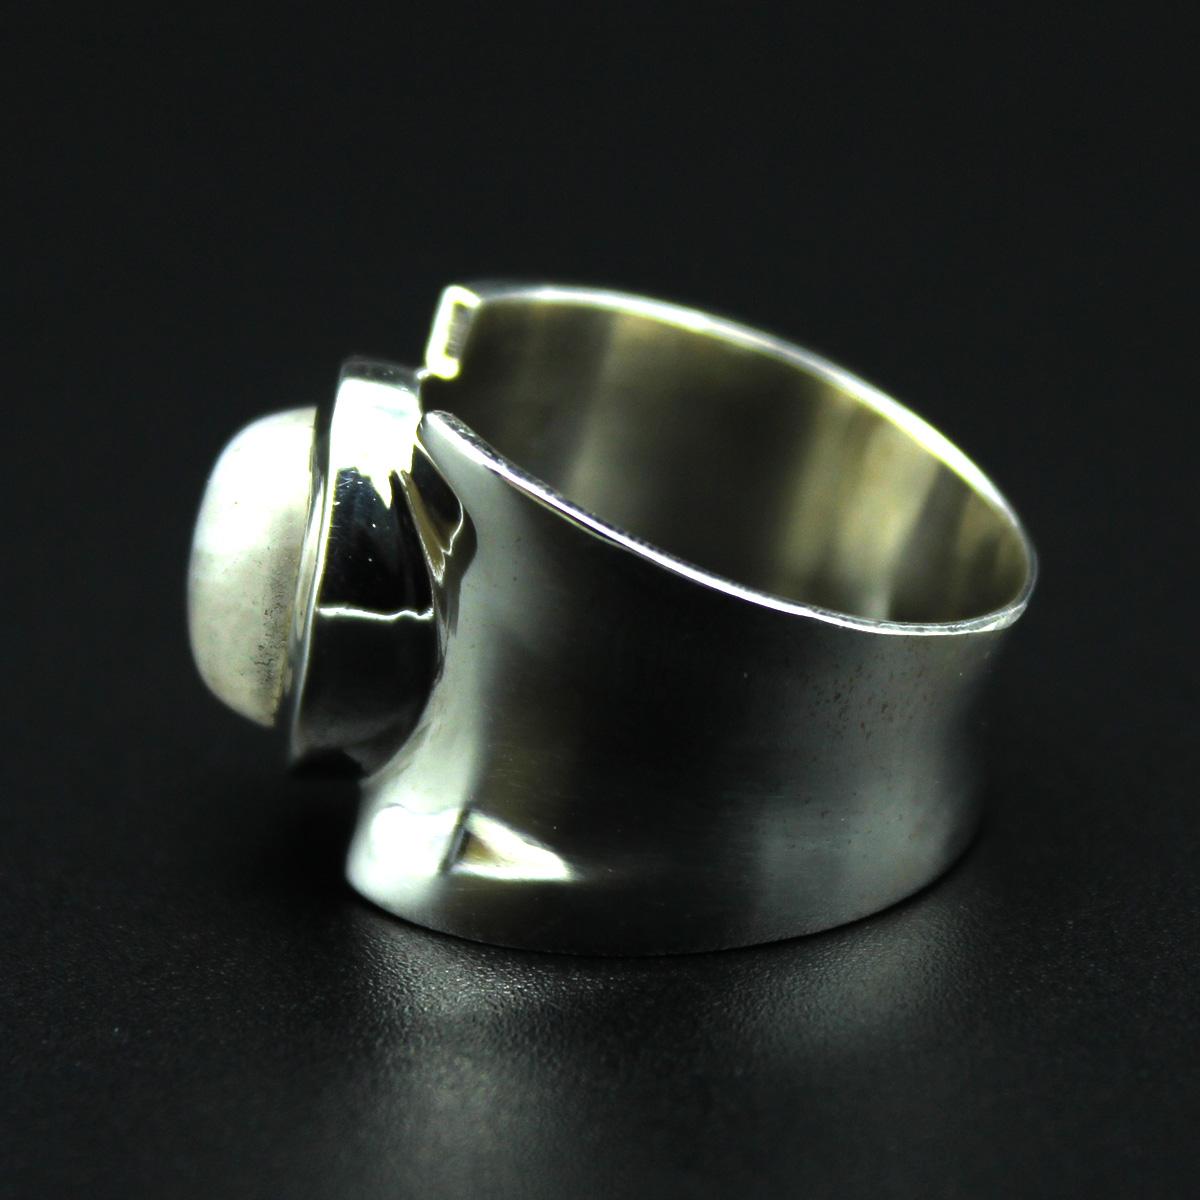 Кольцо, серебро, натуральный камень - лунный камень, 6.88 грамм, проба 925, размер 17.5